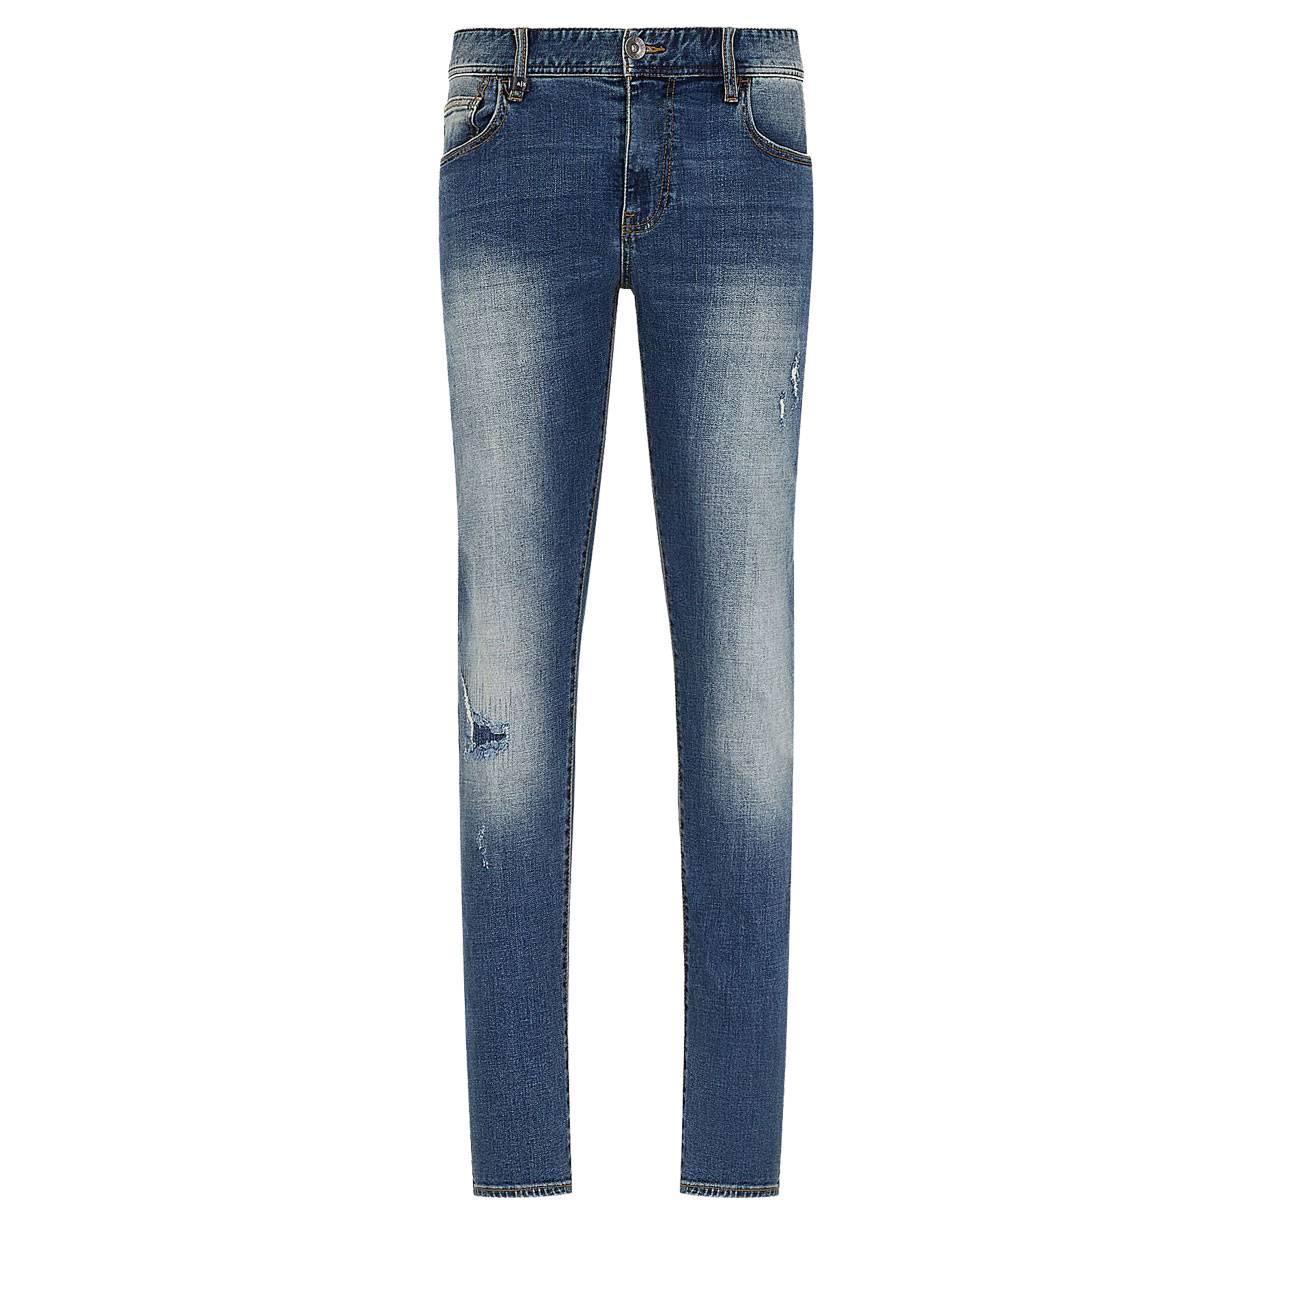 J14 Skinny Jeans 32s